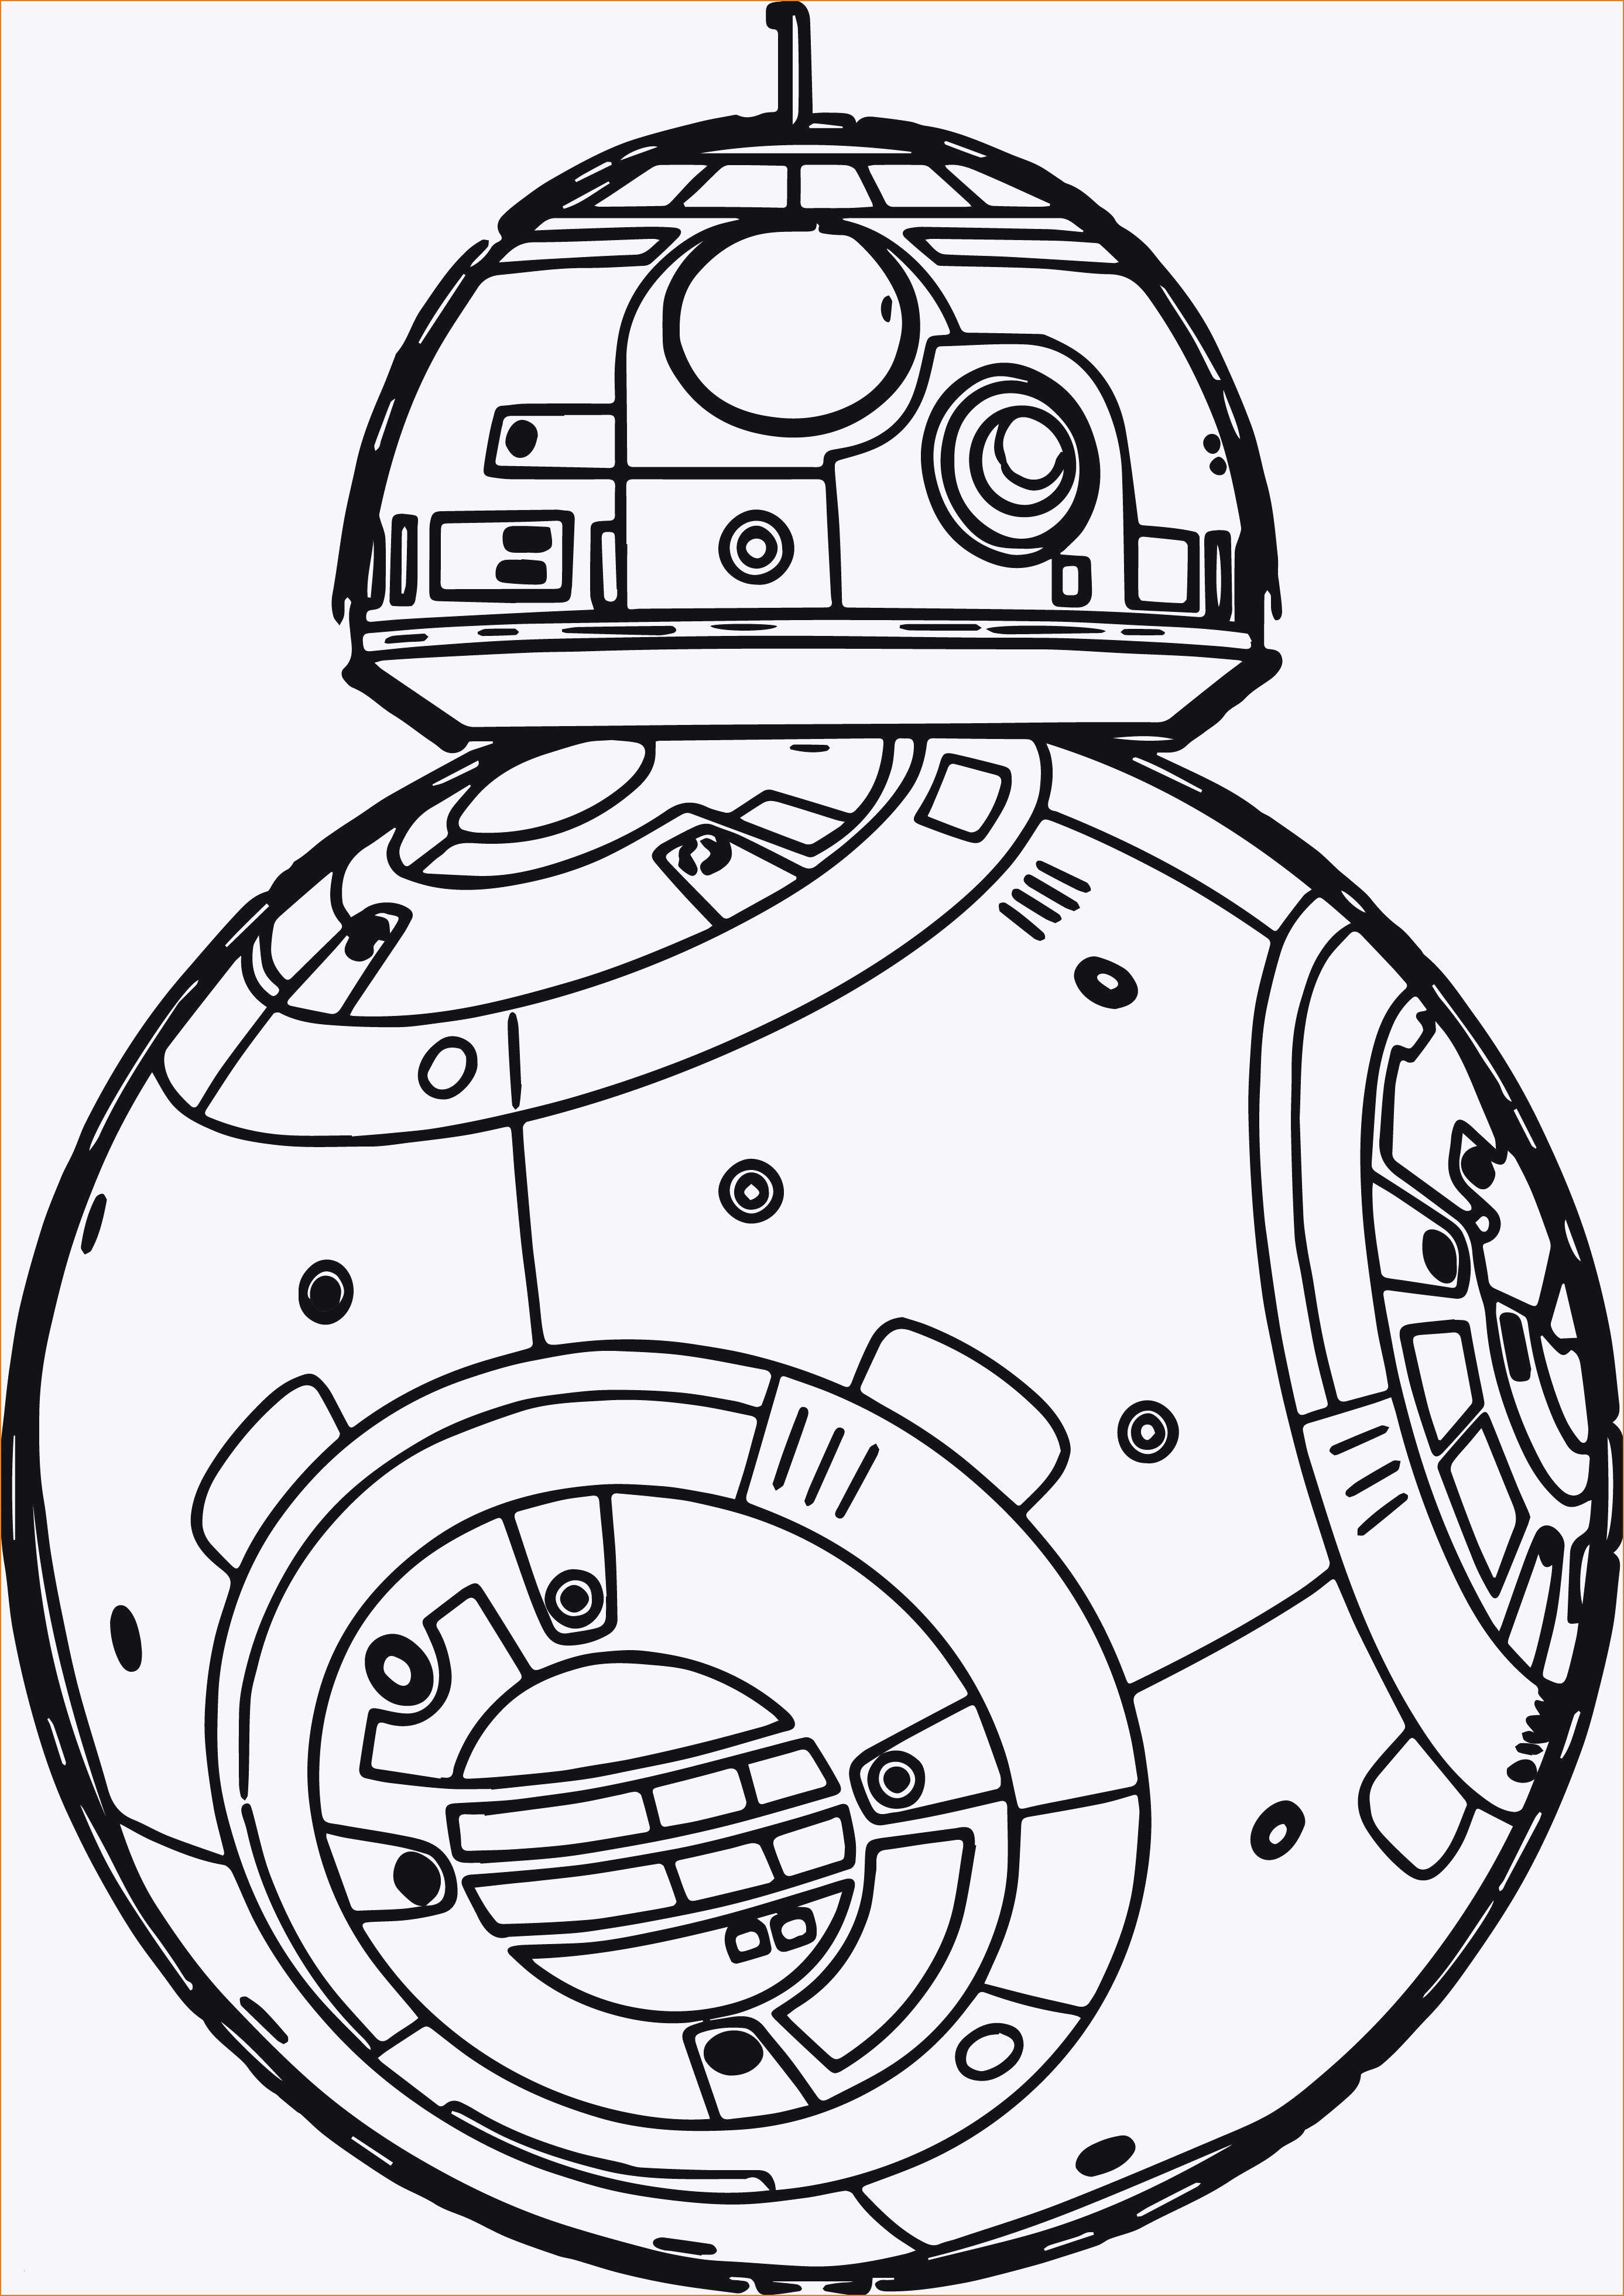 Ausmalbilder Karneval Kostenlos Neu Ausmalbilder the Walking Dead Neu Star Wars Line Coloring Brilliant Sammlung